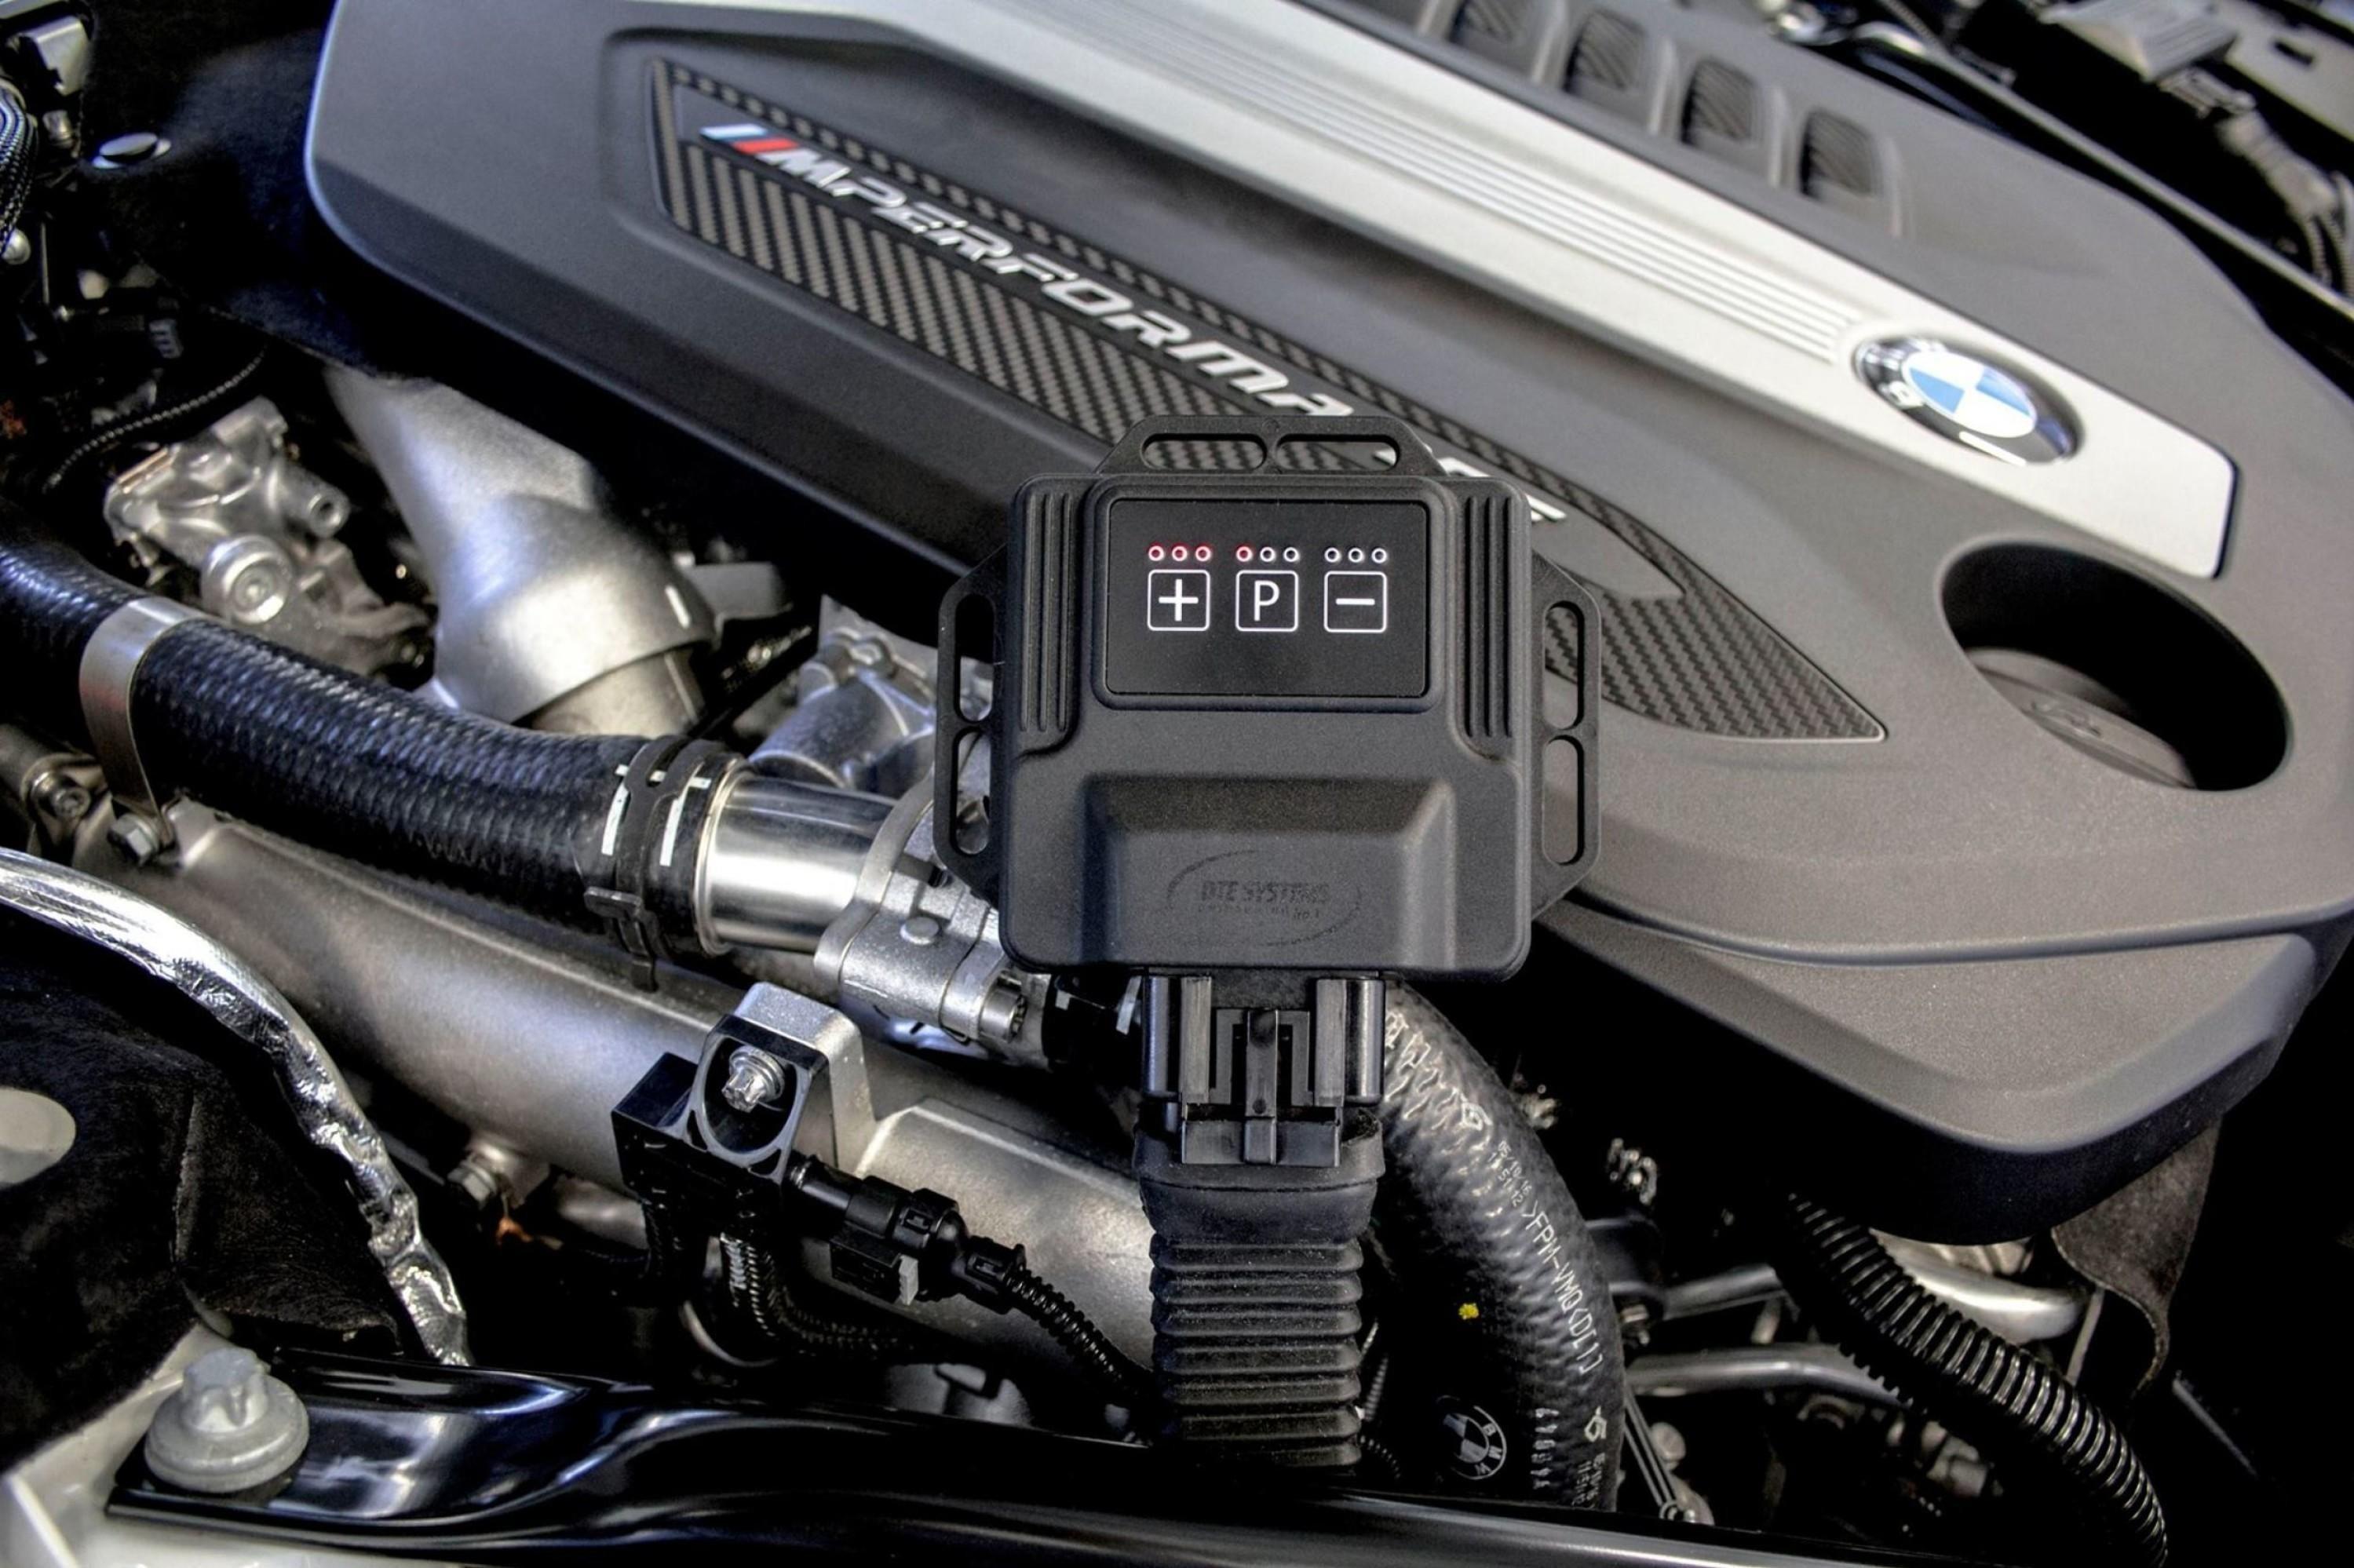 ØK EFFEKTEN MED 25 PROSENT: En liten boks er alt som skal til, for at du optimaliserer motoren på bilen din. Effekten kan øke med rundt 25 prosent på en turbomotor. Nå som effektavgiften er tatt bort fra det norske avgiftssystemet, slipper du dessuten å betale noe ekstra for å få løsningen godkjent i vognkortet. Illustrasjonfoto.